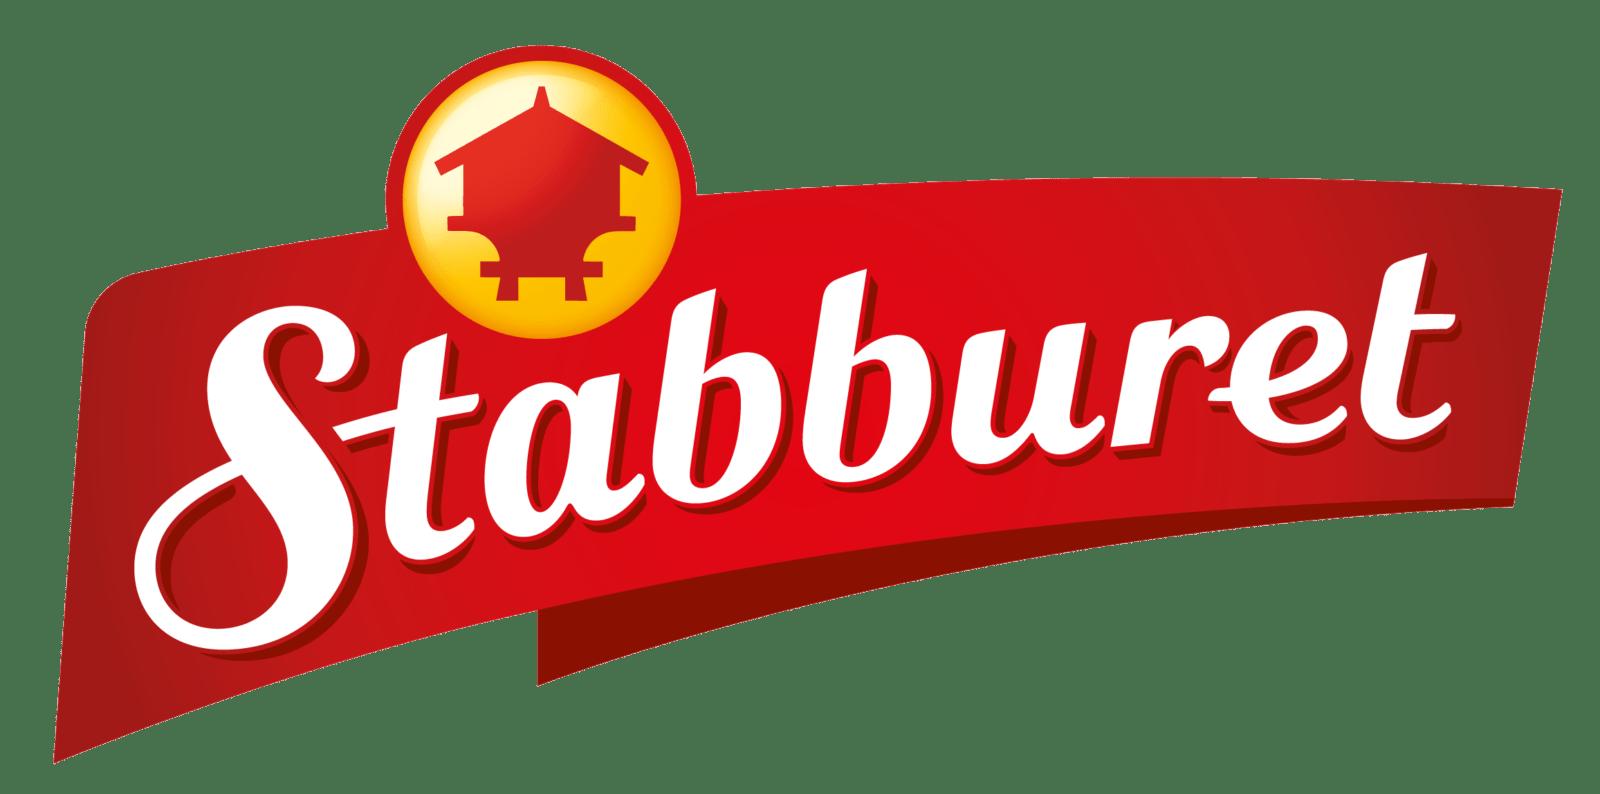 (FIN) Edustamme Stabburet tuotteita!